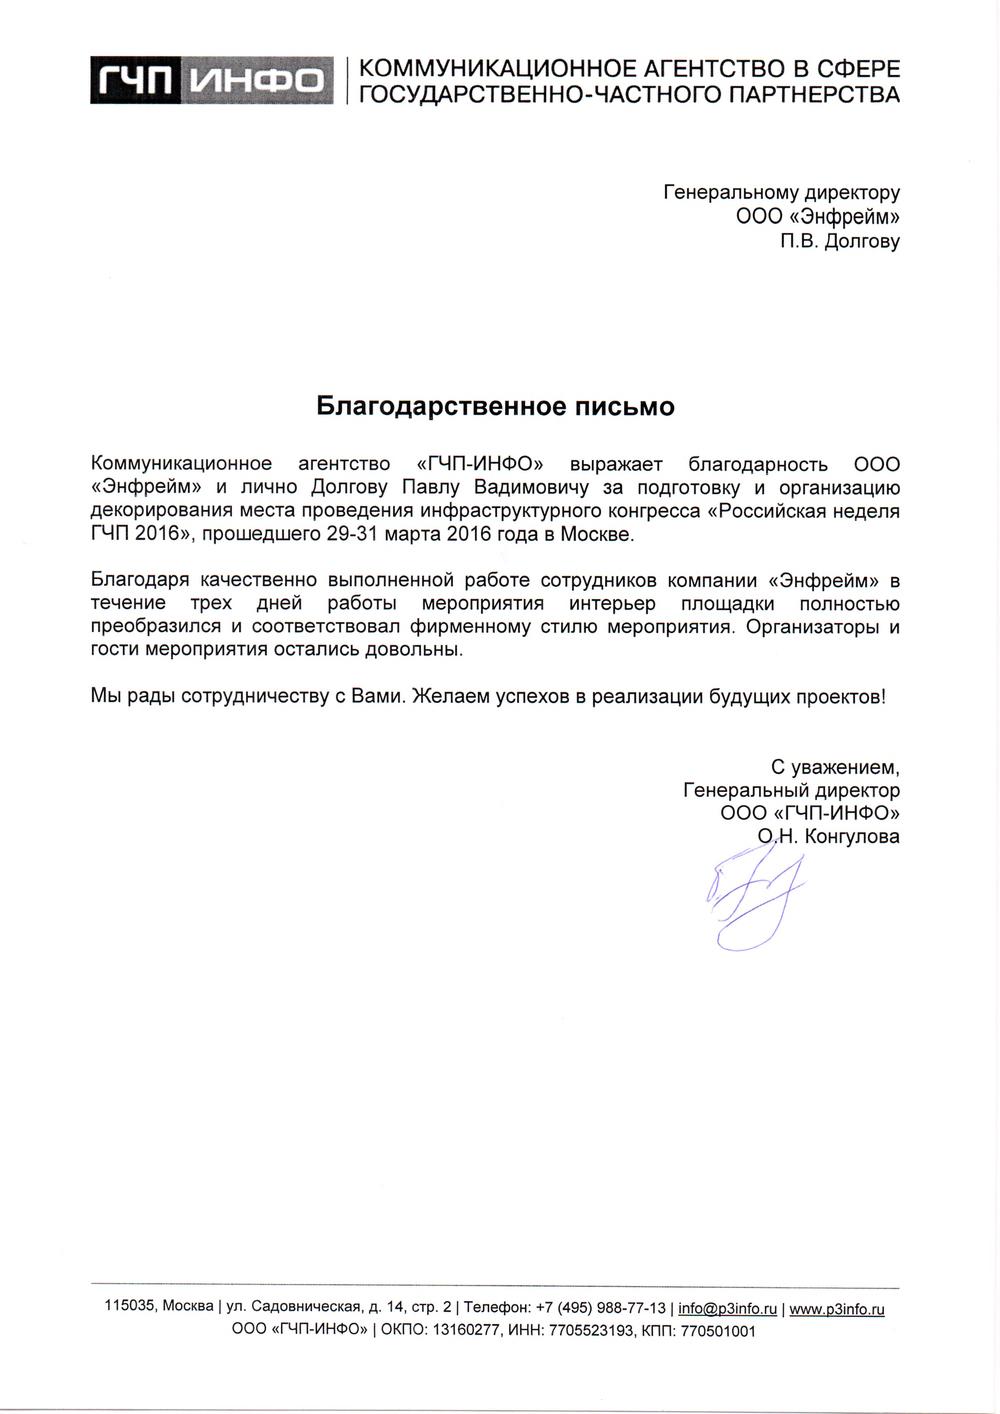 Благодарственное письмо за оформление форума государственно-частного партнерства в 2016 году